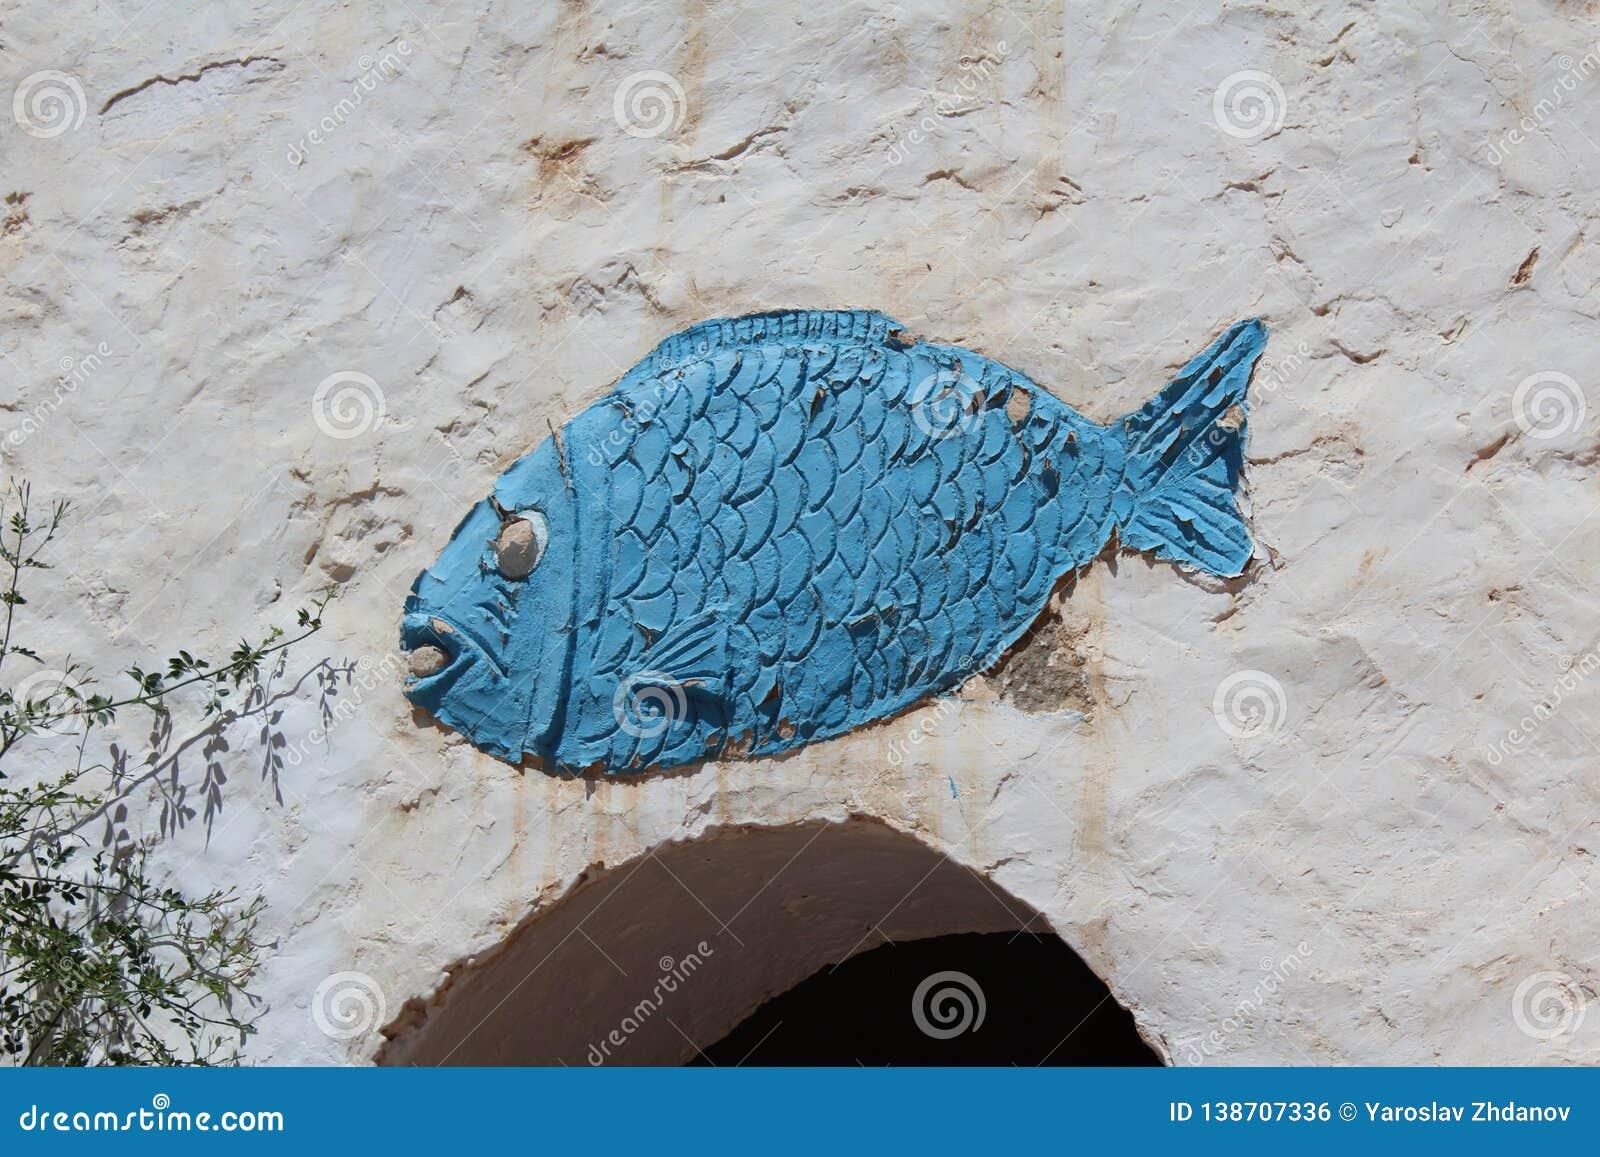 Poissons bleus sur le mur la décoration des Berbers dans le désert